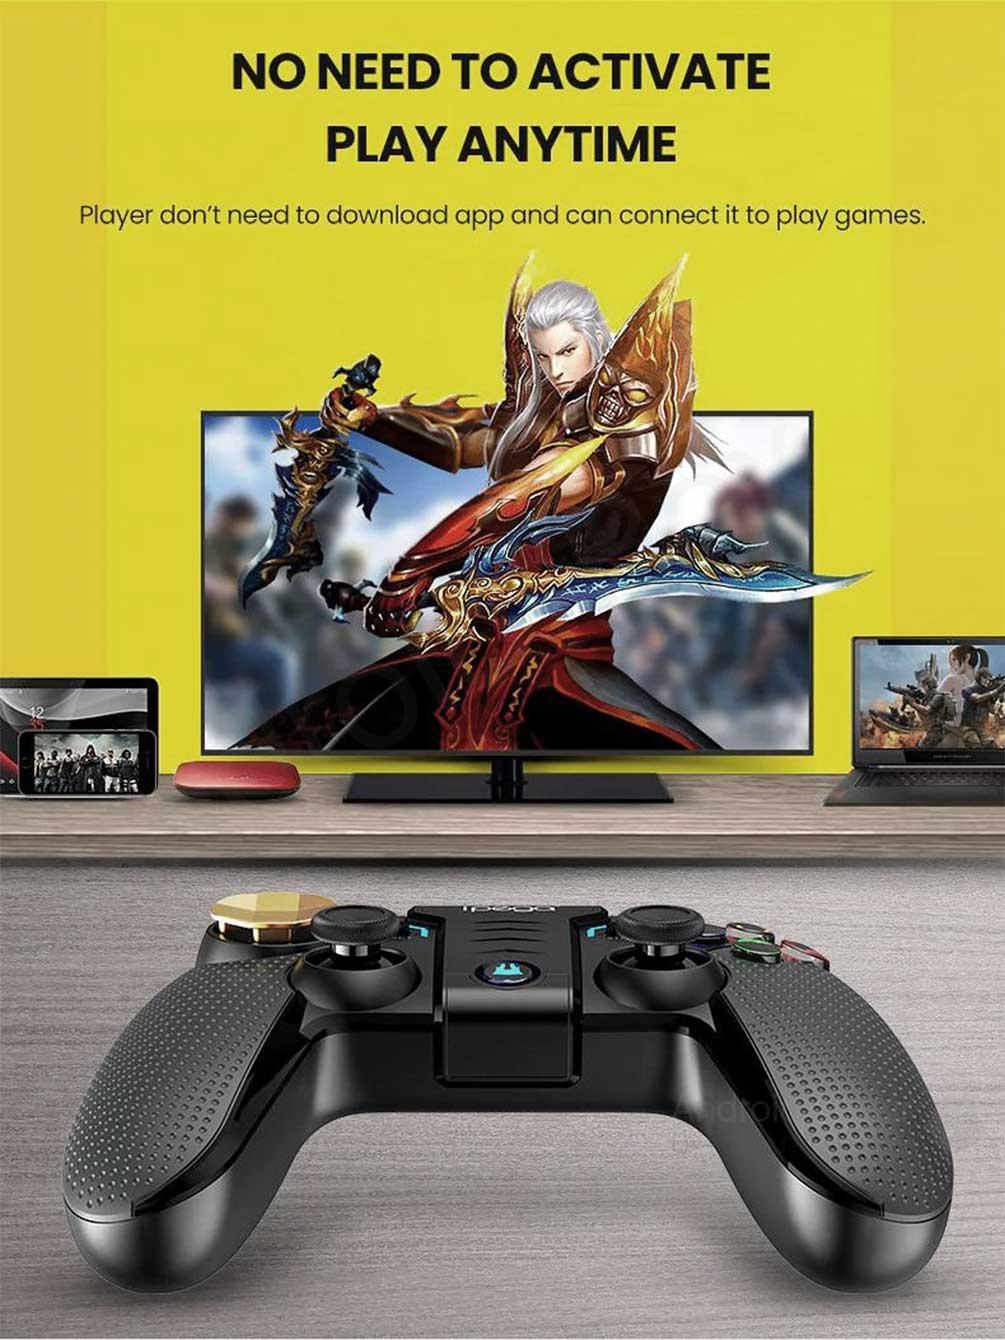 Android Box Dot Ir IPega PG 9118 Gamepad Banner 06